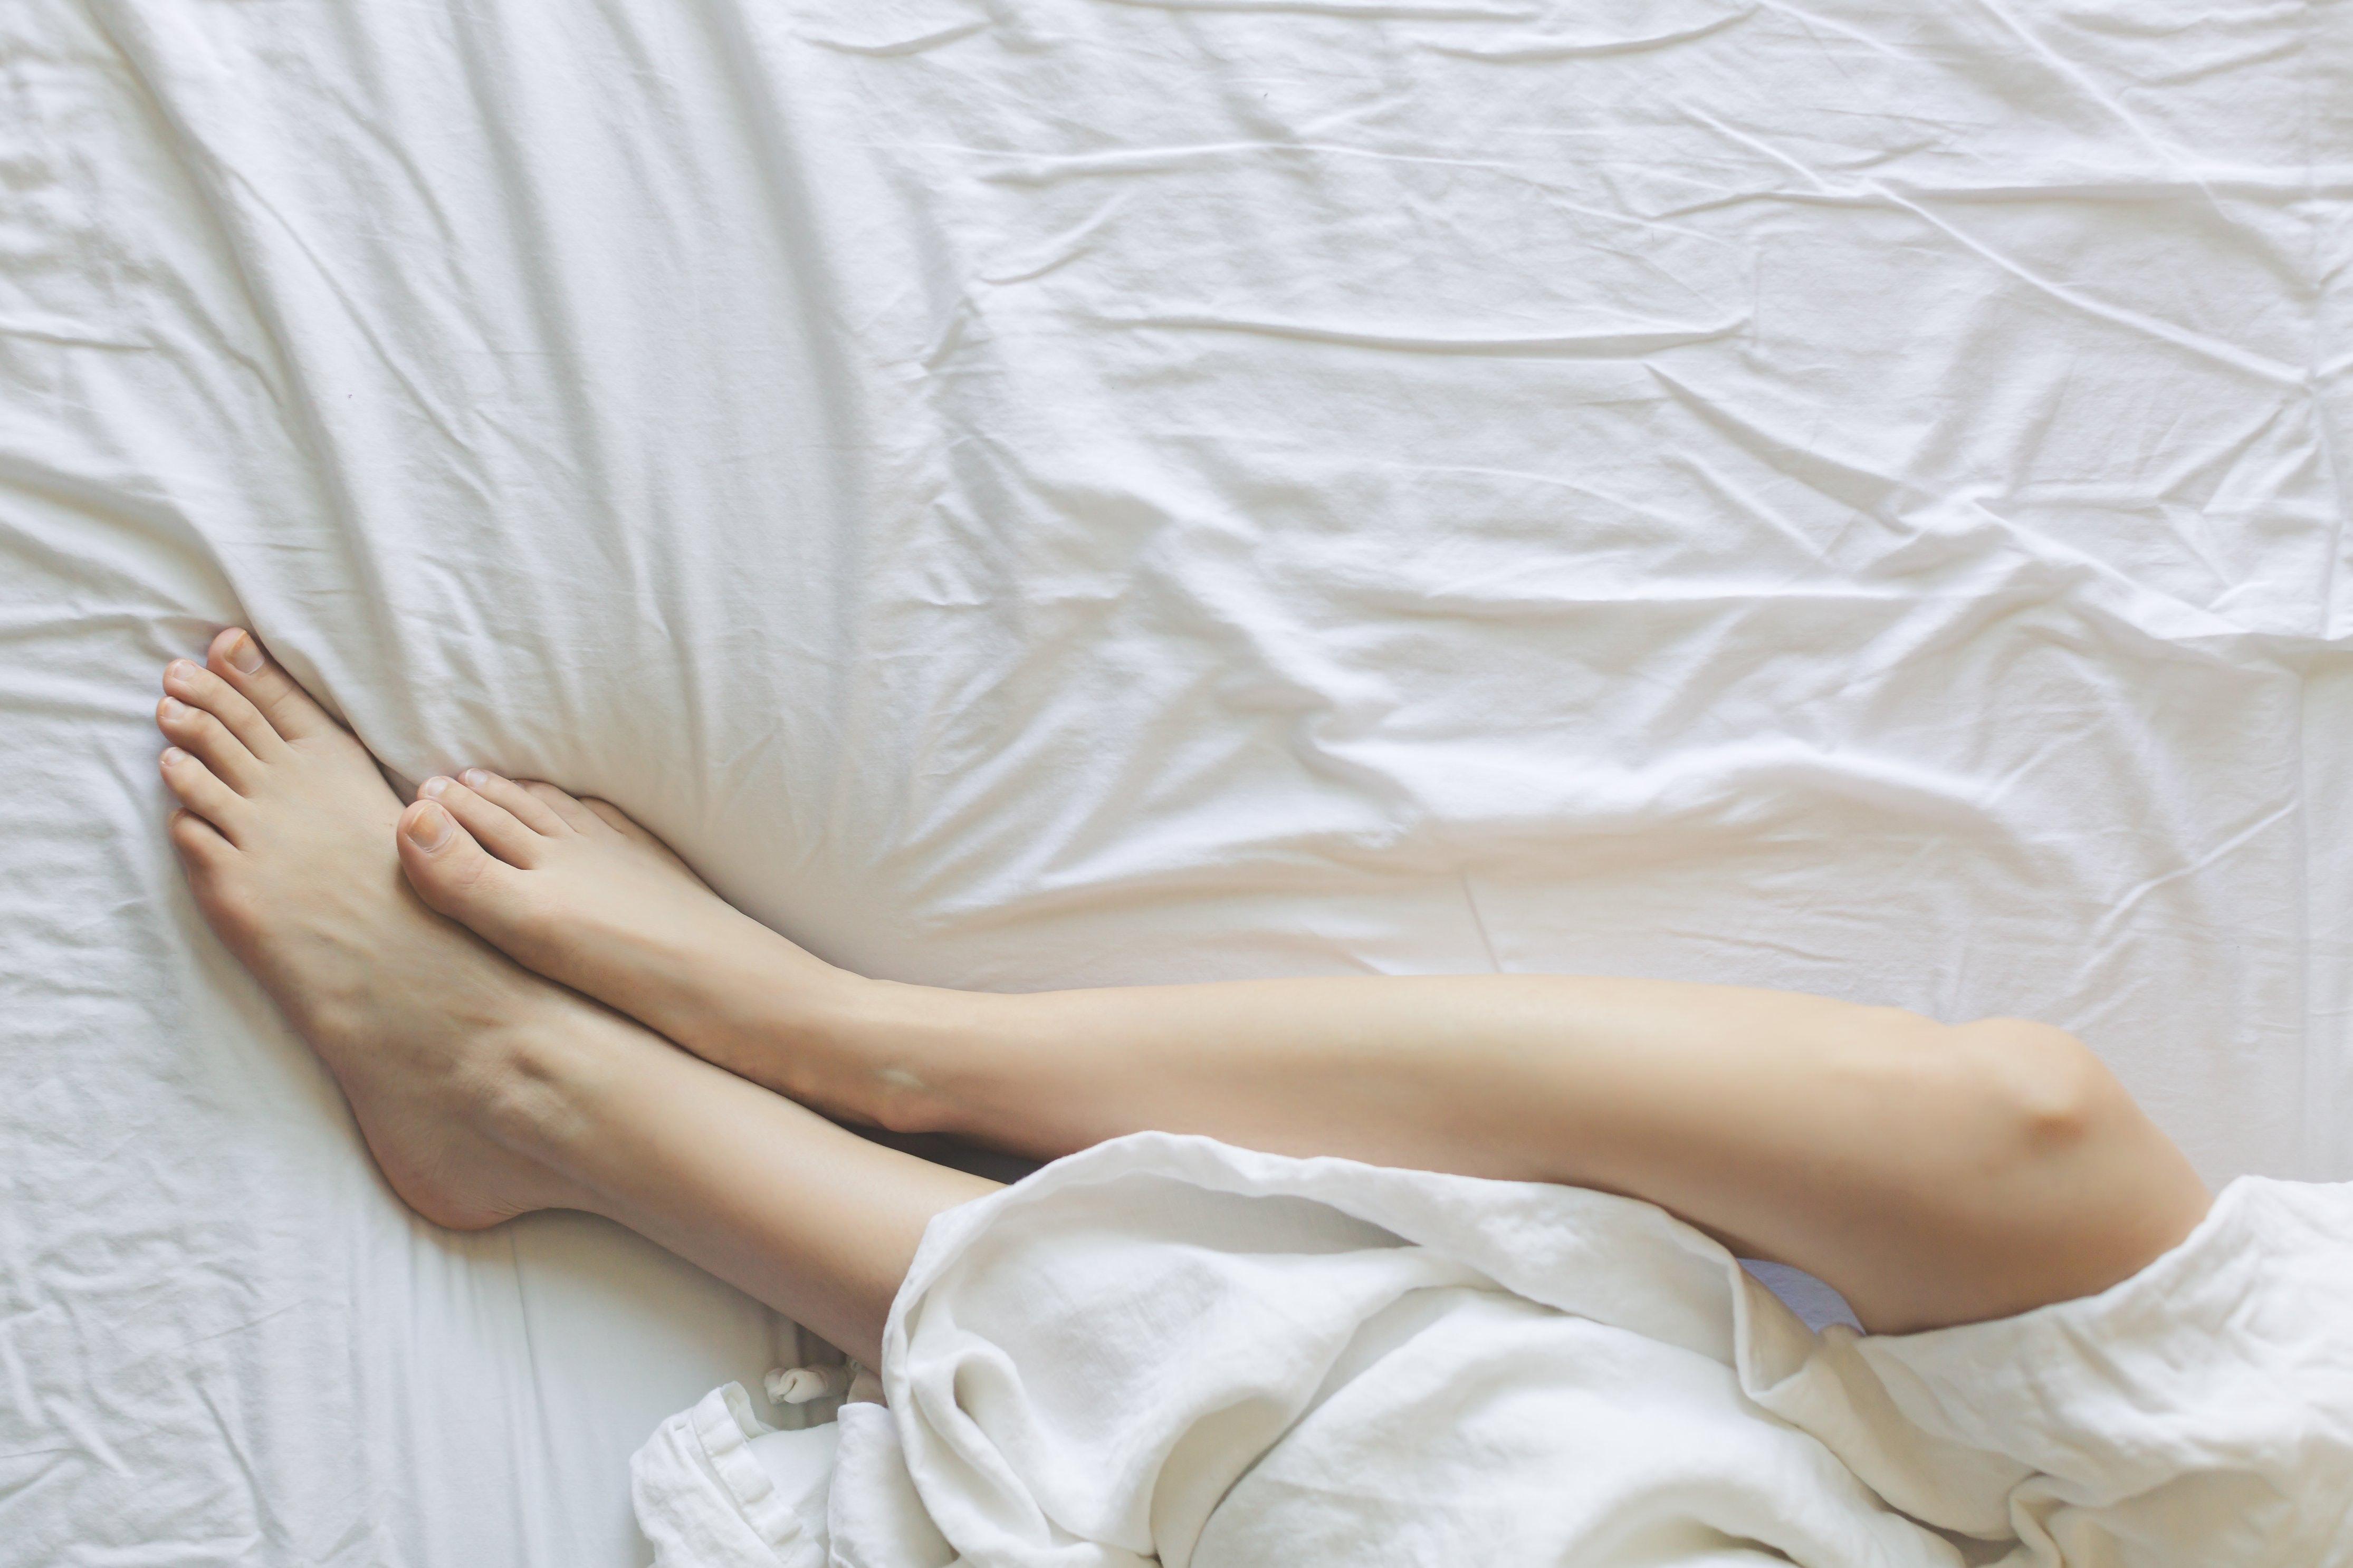 Síndrome de piernas inquietas en adultos